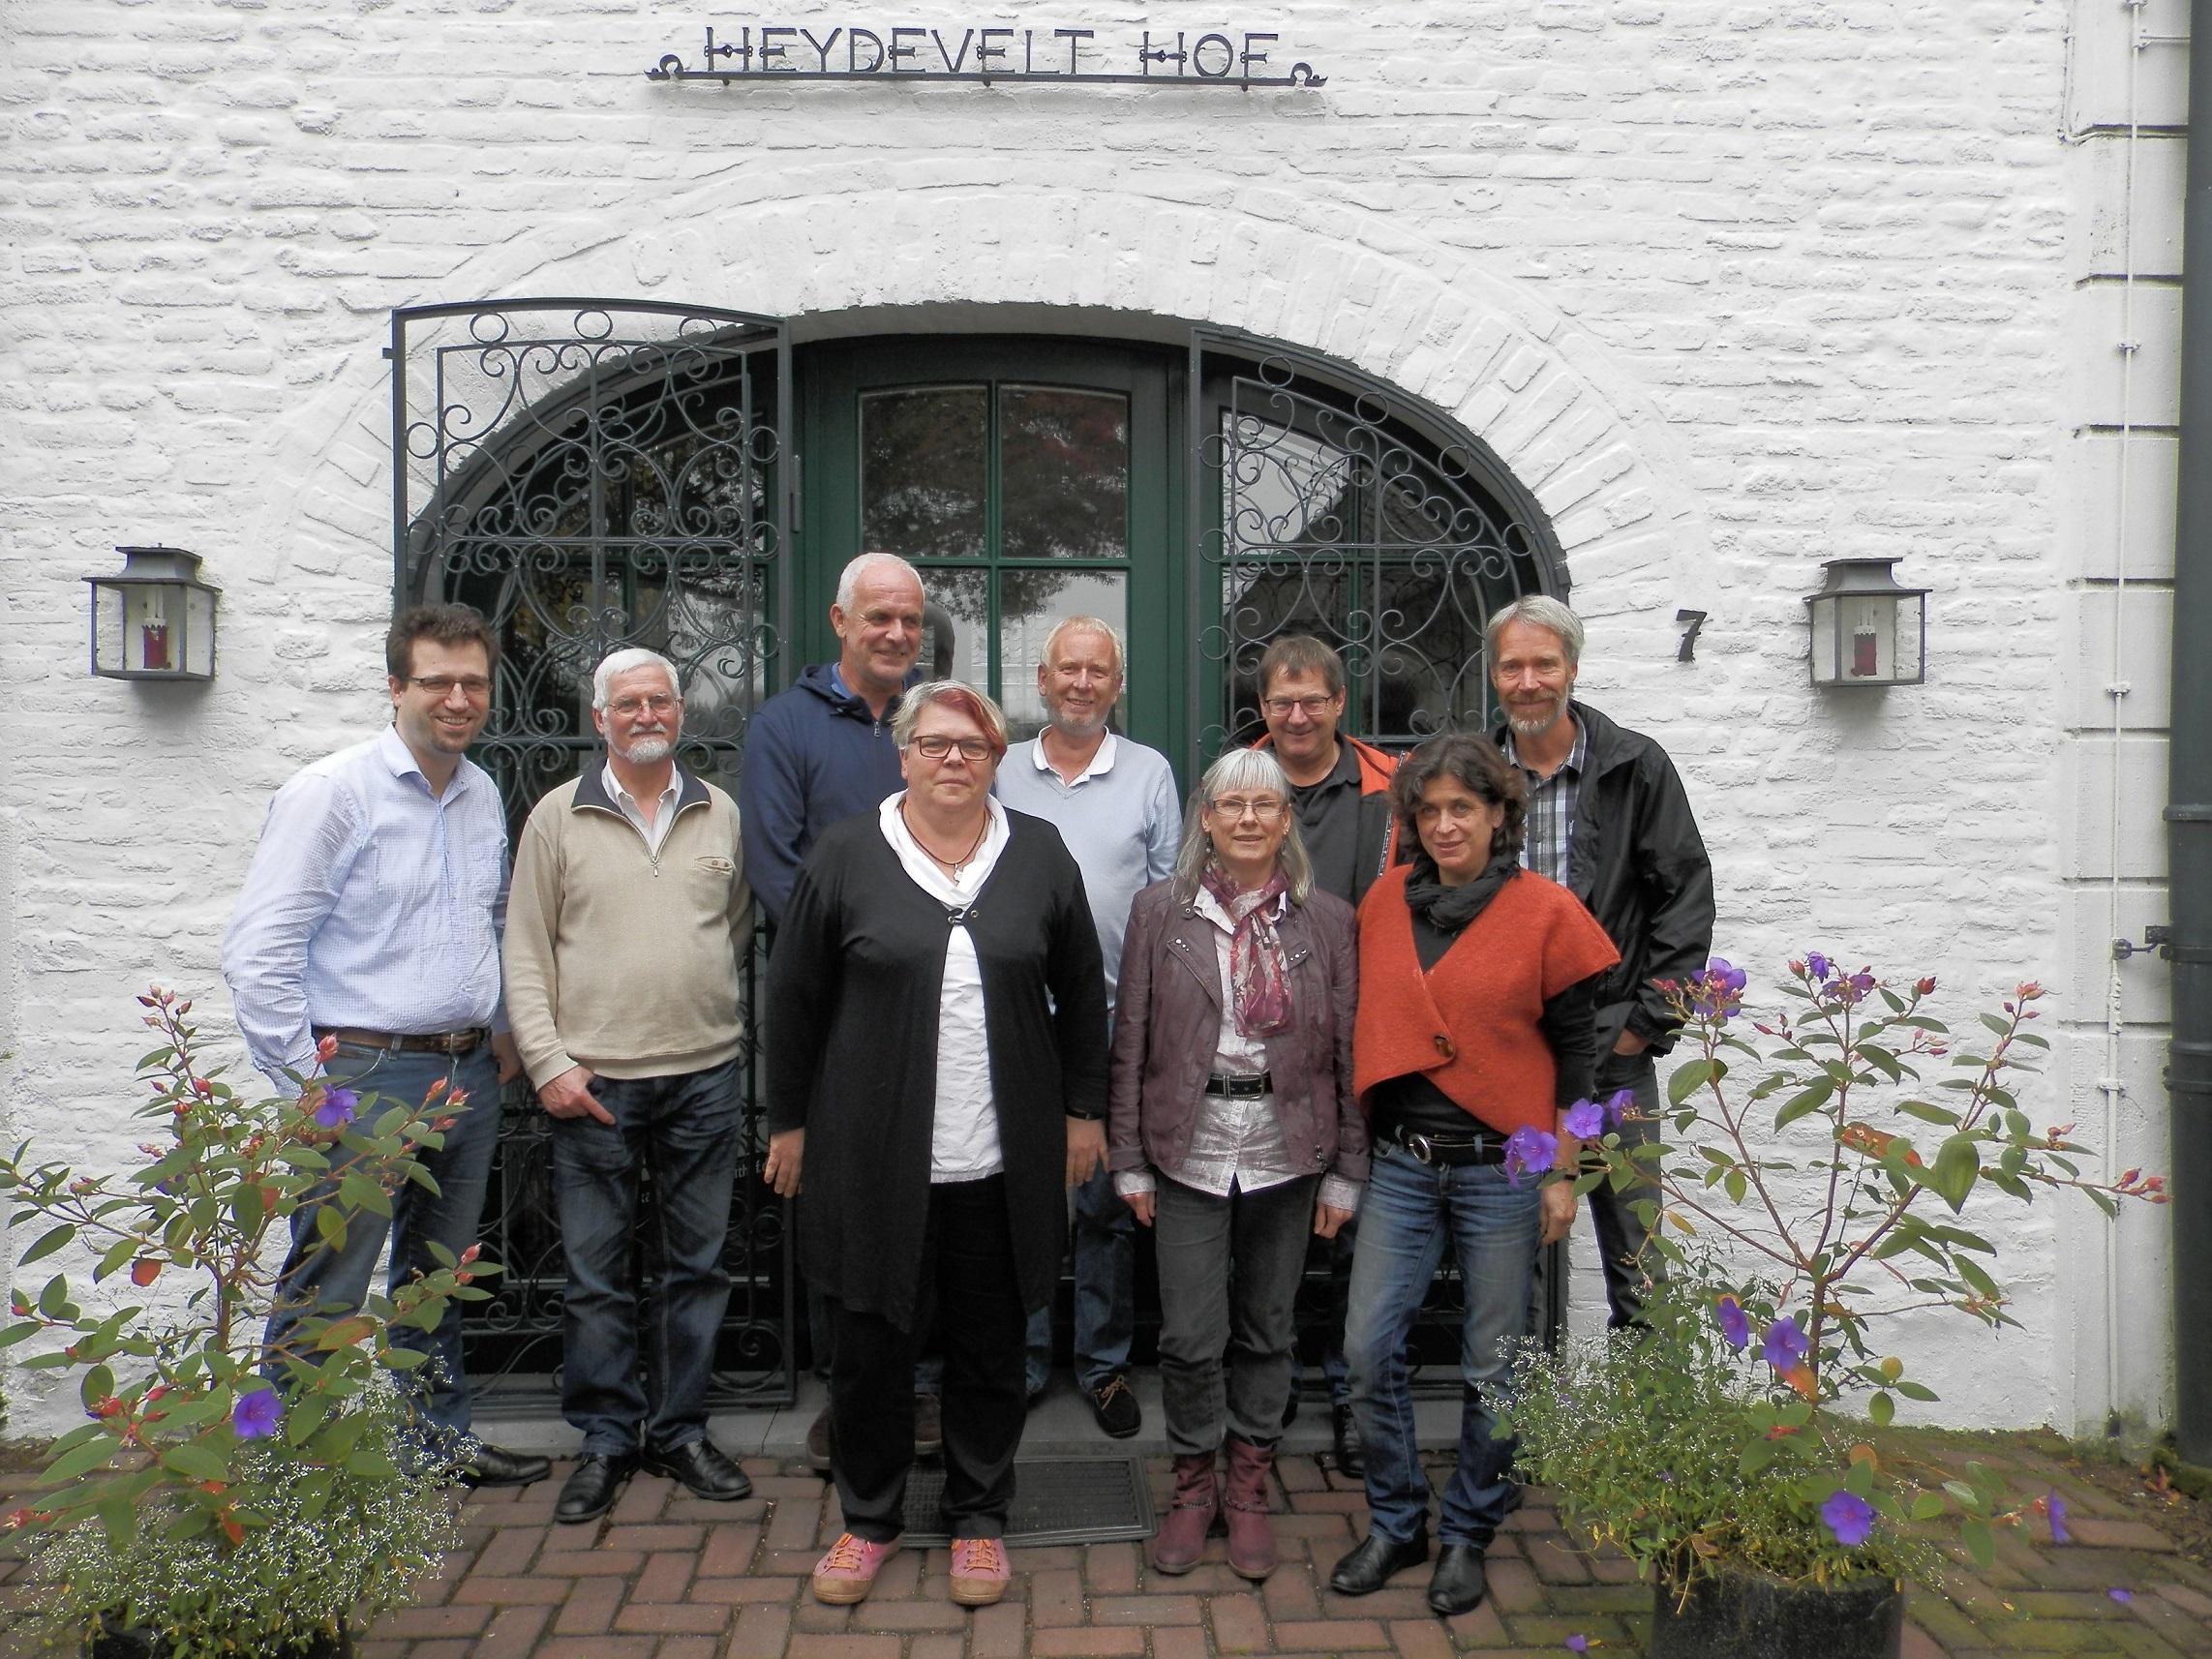 Haushaltsklausur der Grünen im Heydevelthof